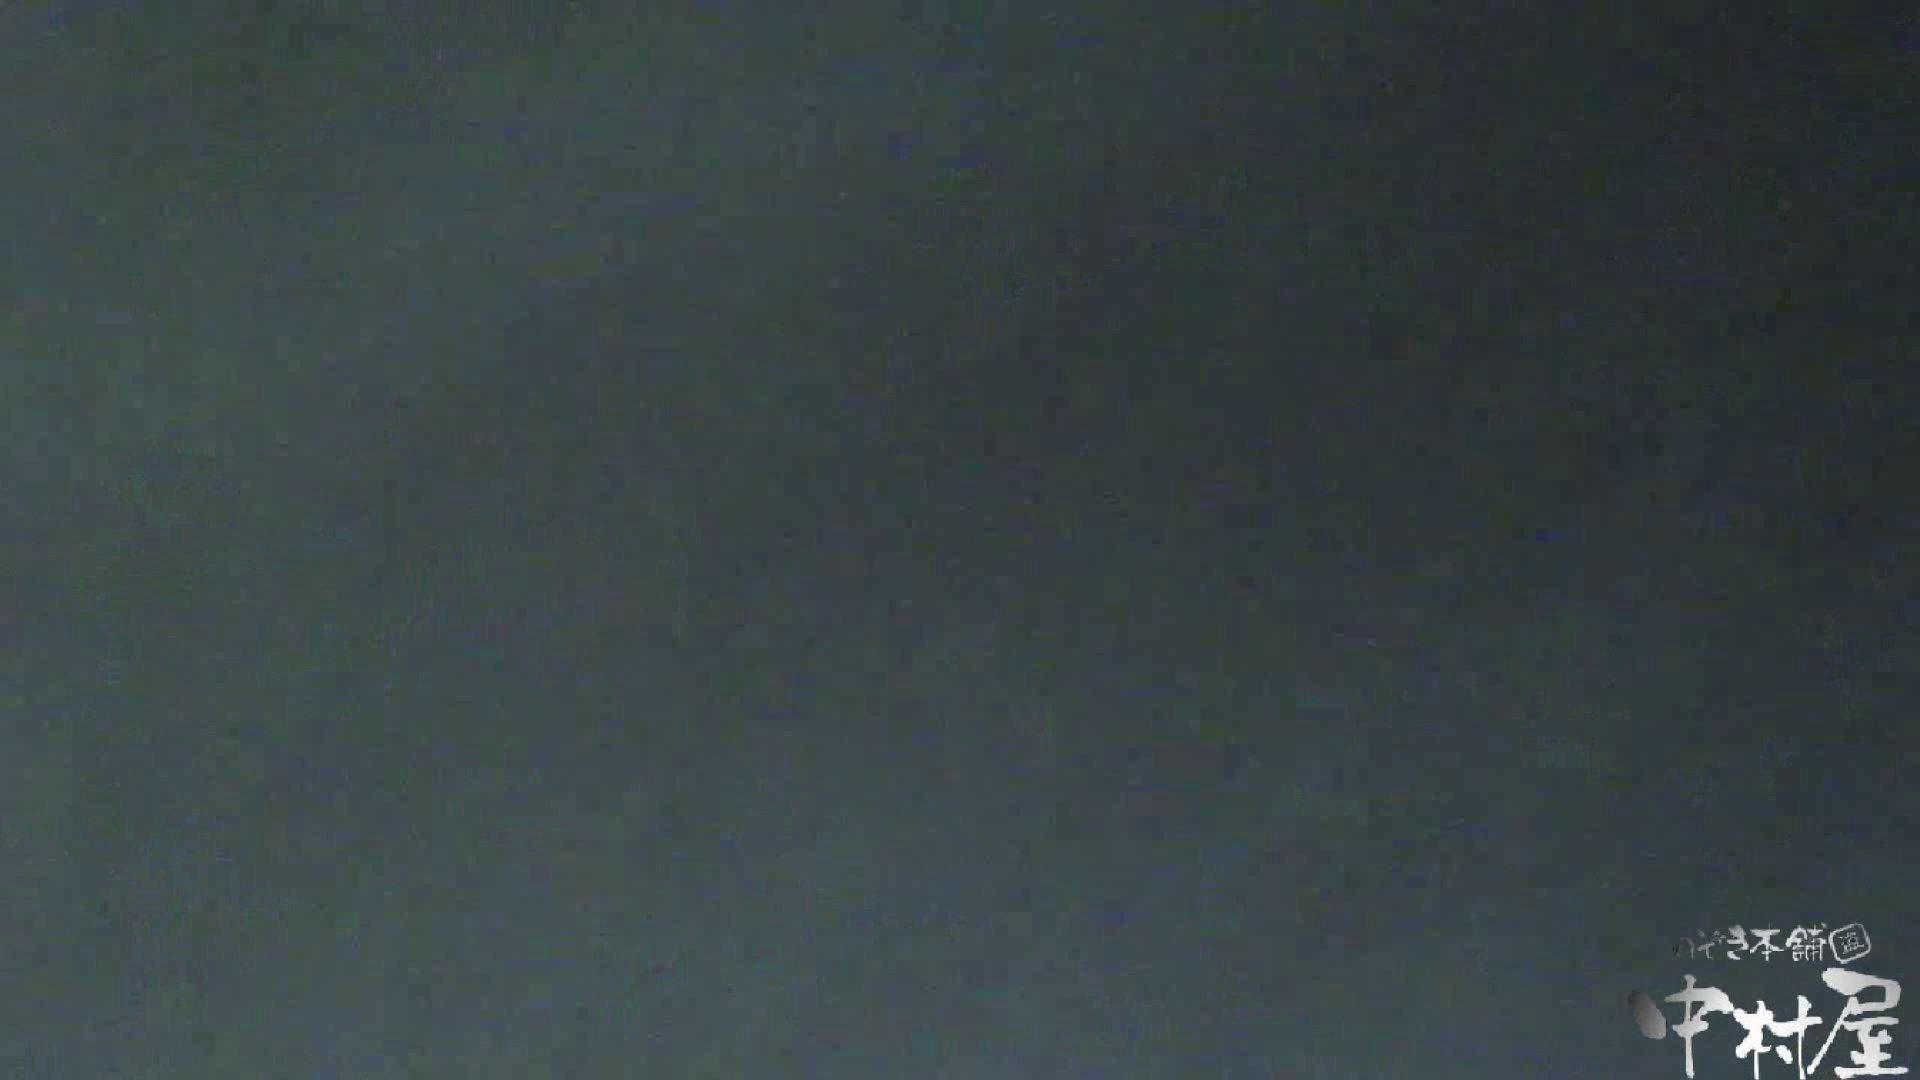 魂のかわや盗撮62連発! 丁寧にオシリをフキフキ! 38発目! 黄金水 | 盗撮特集  95画像 58